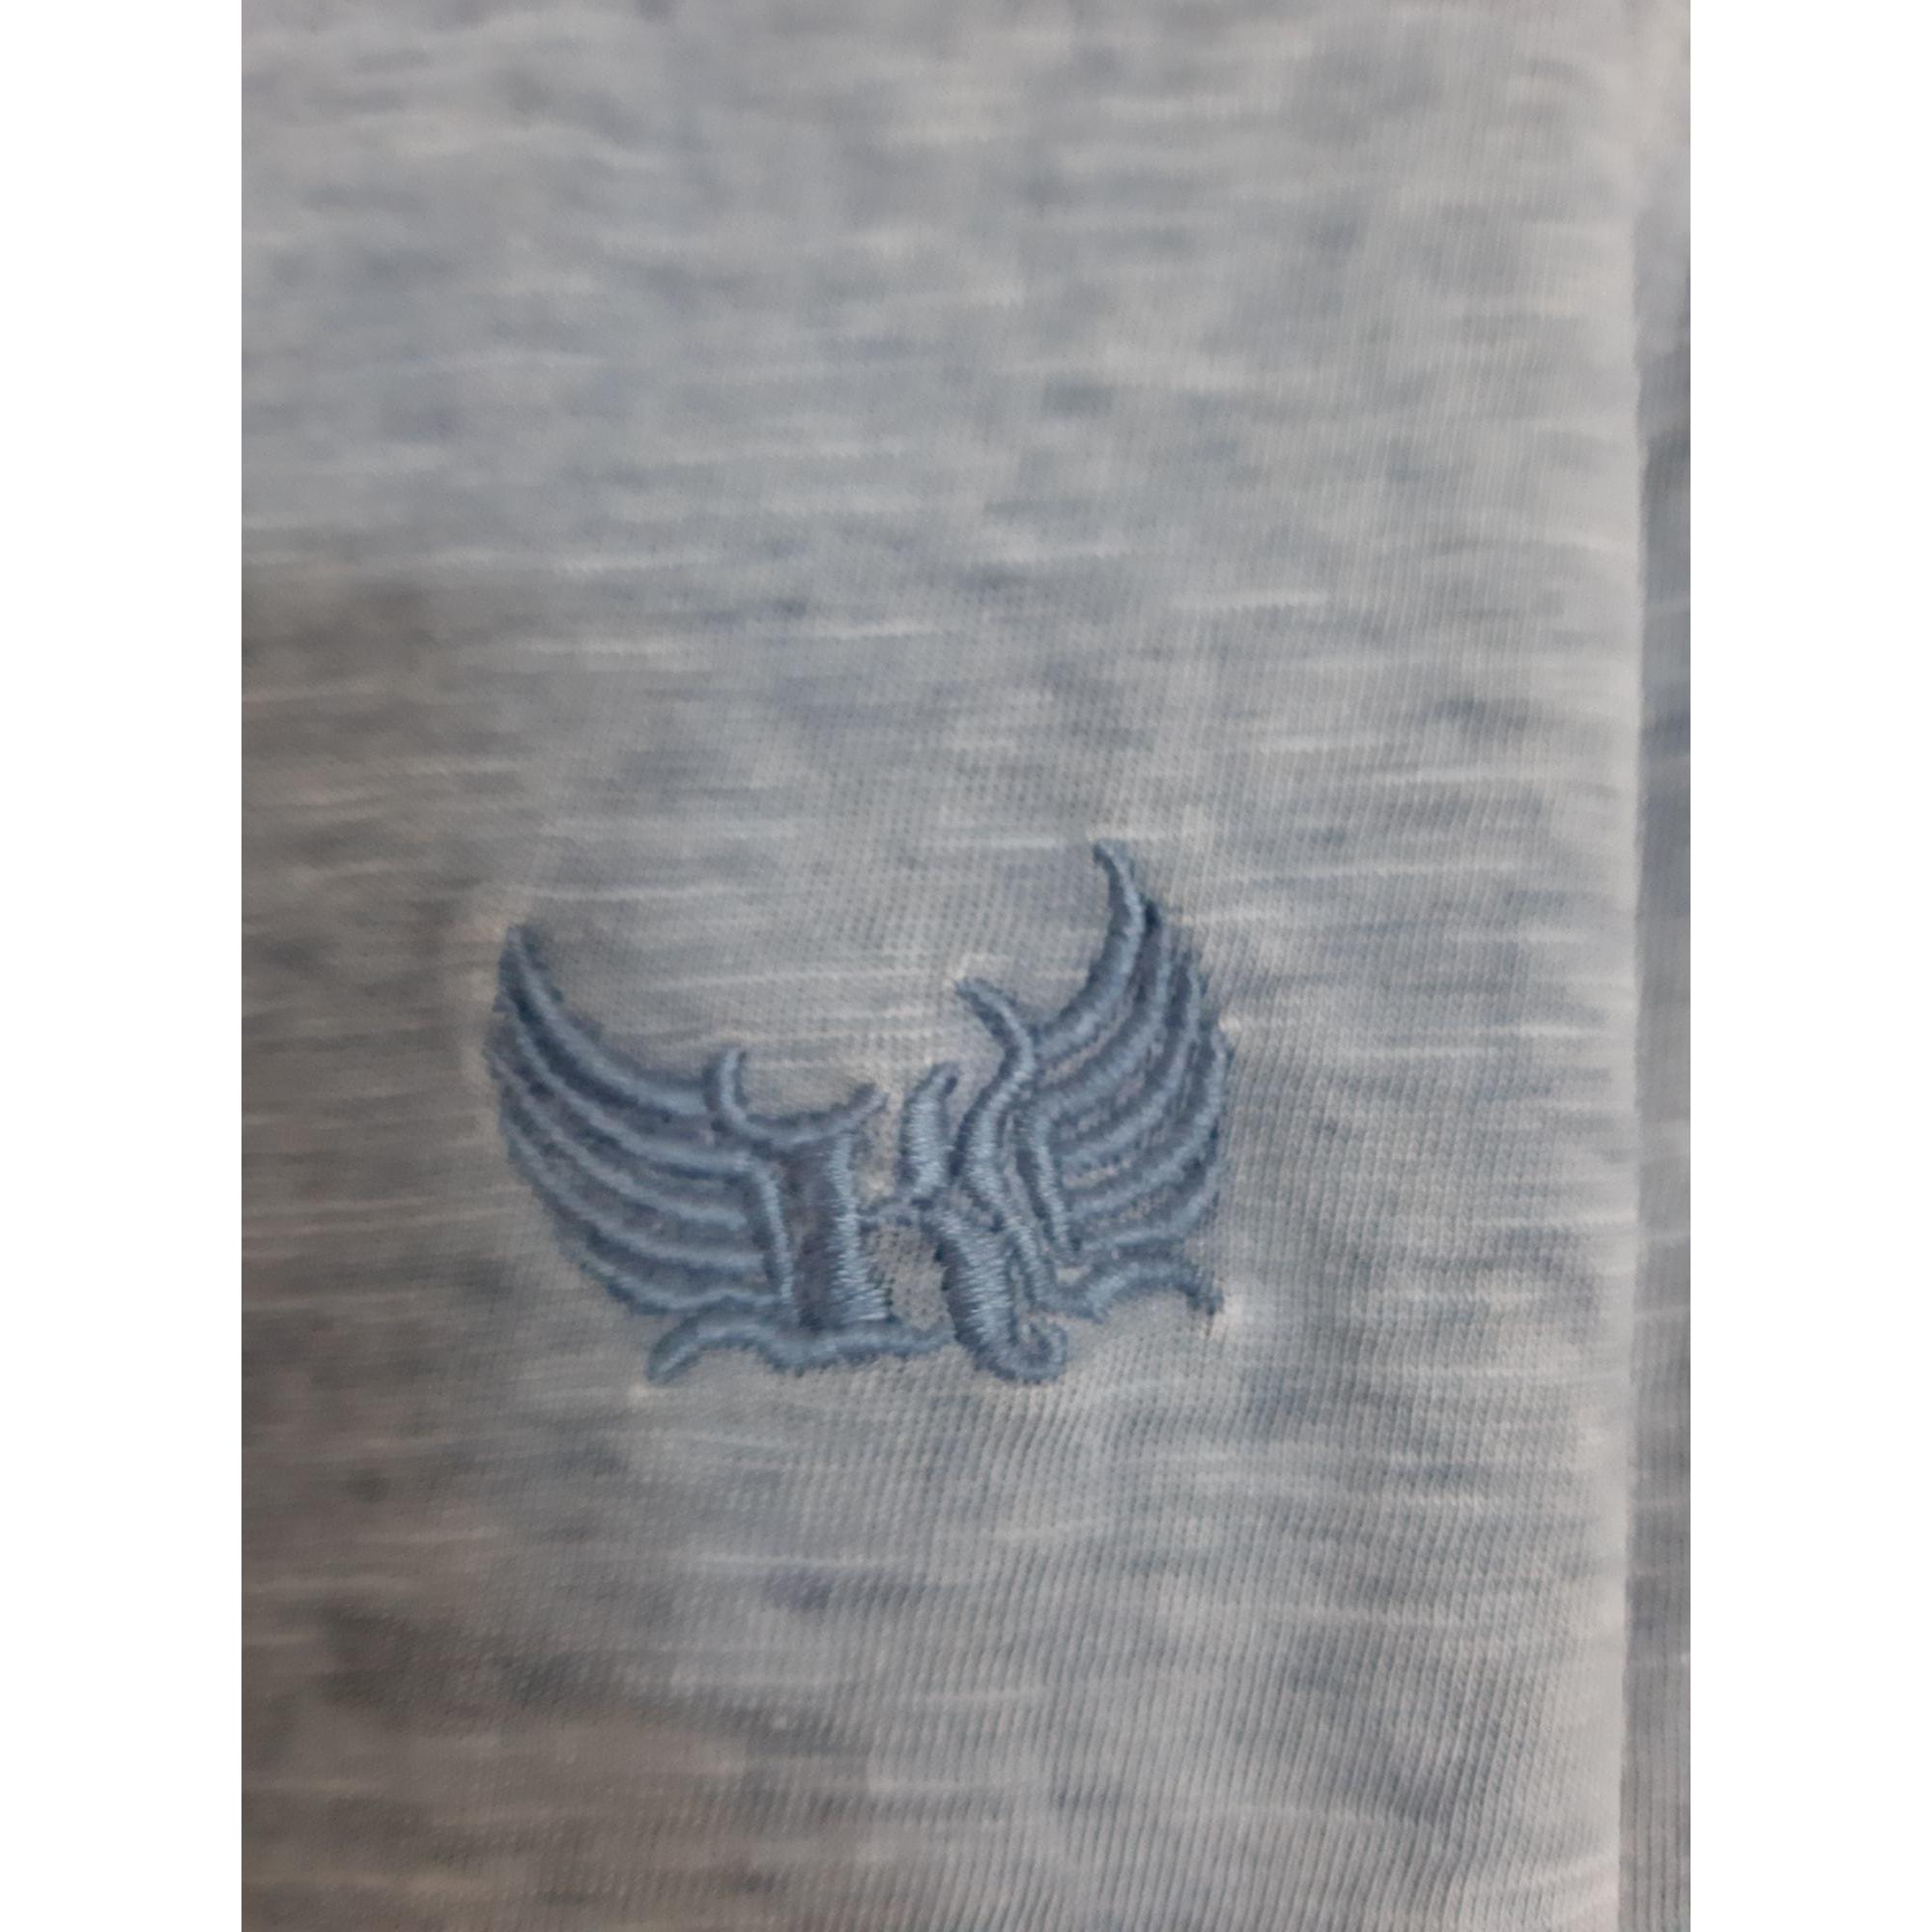 Tee-shirt KAPORAL Bleu, bleu marine, bleu turquoise